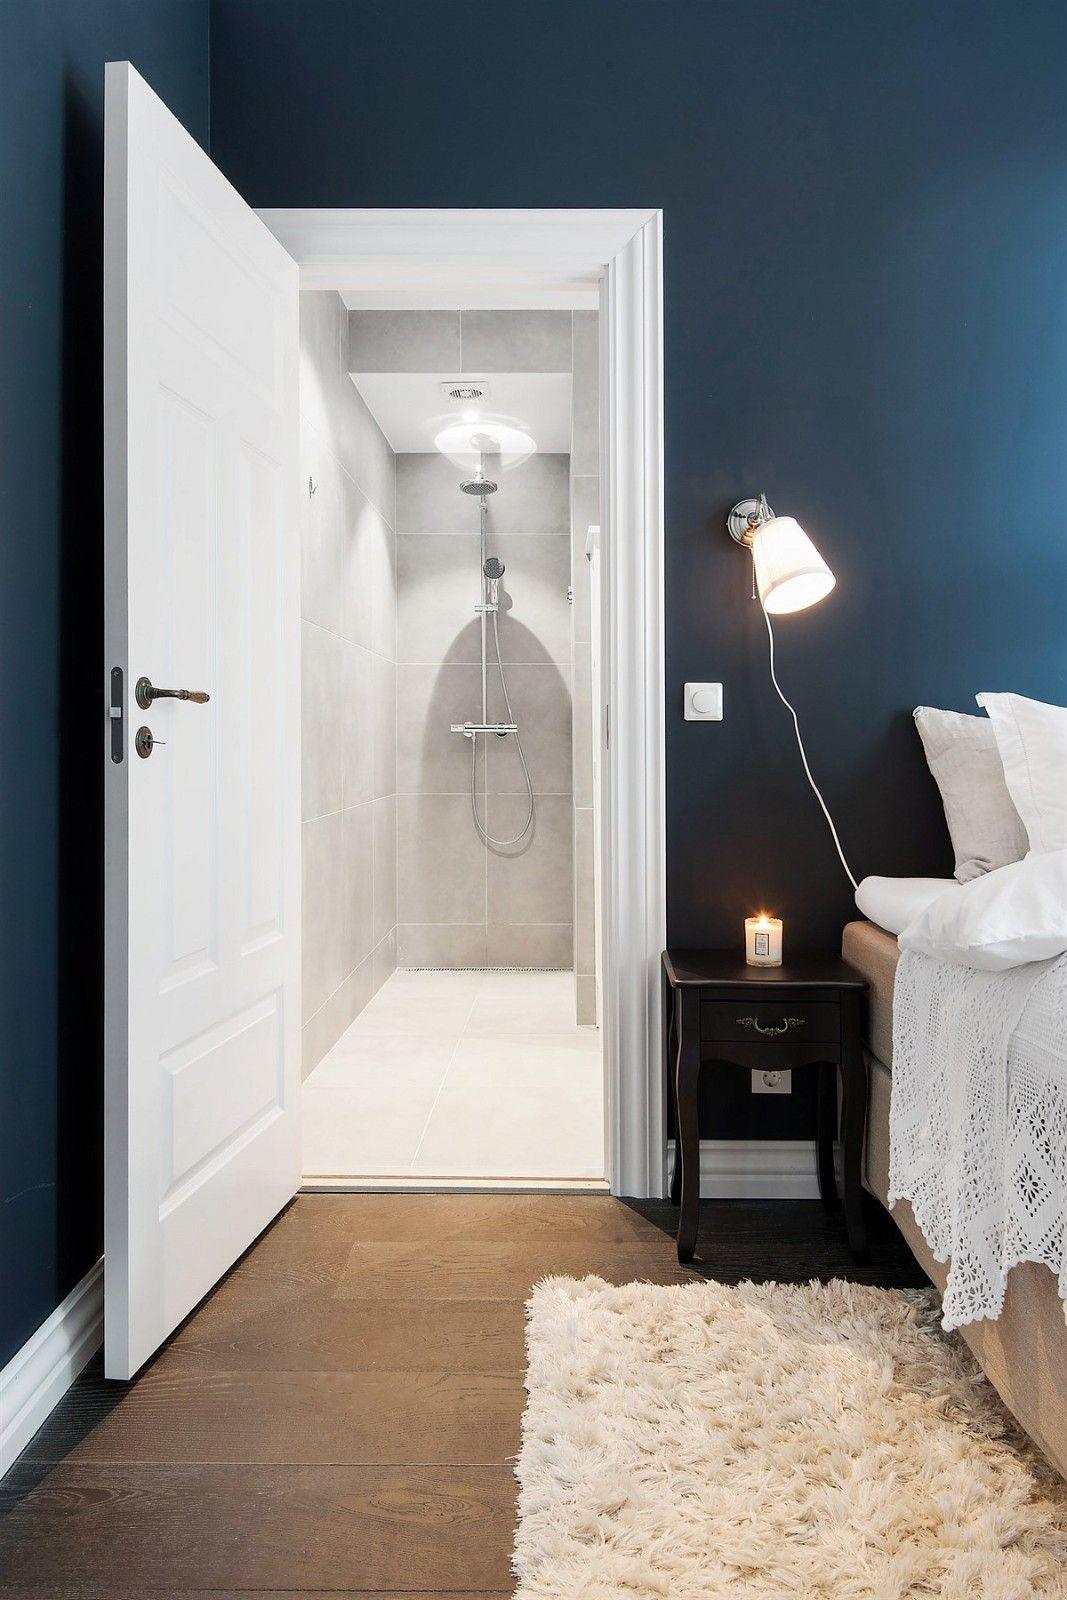 спальня кровать прикроватный столик светильник дверь в душевую